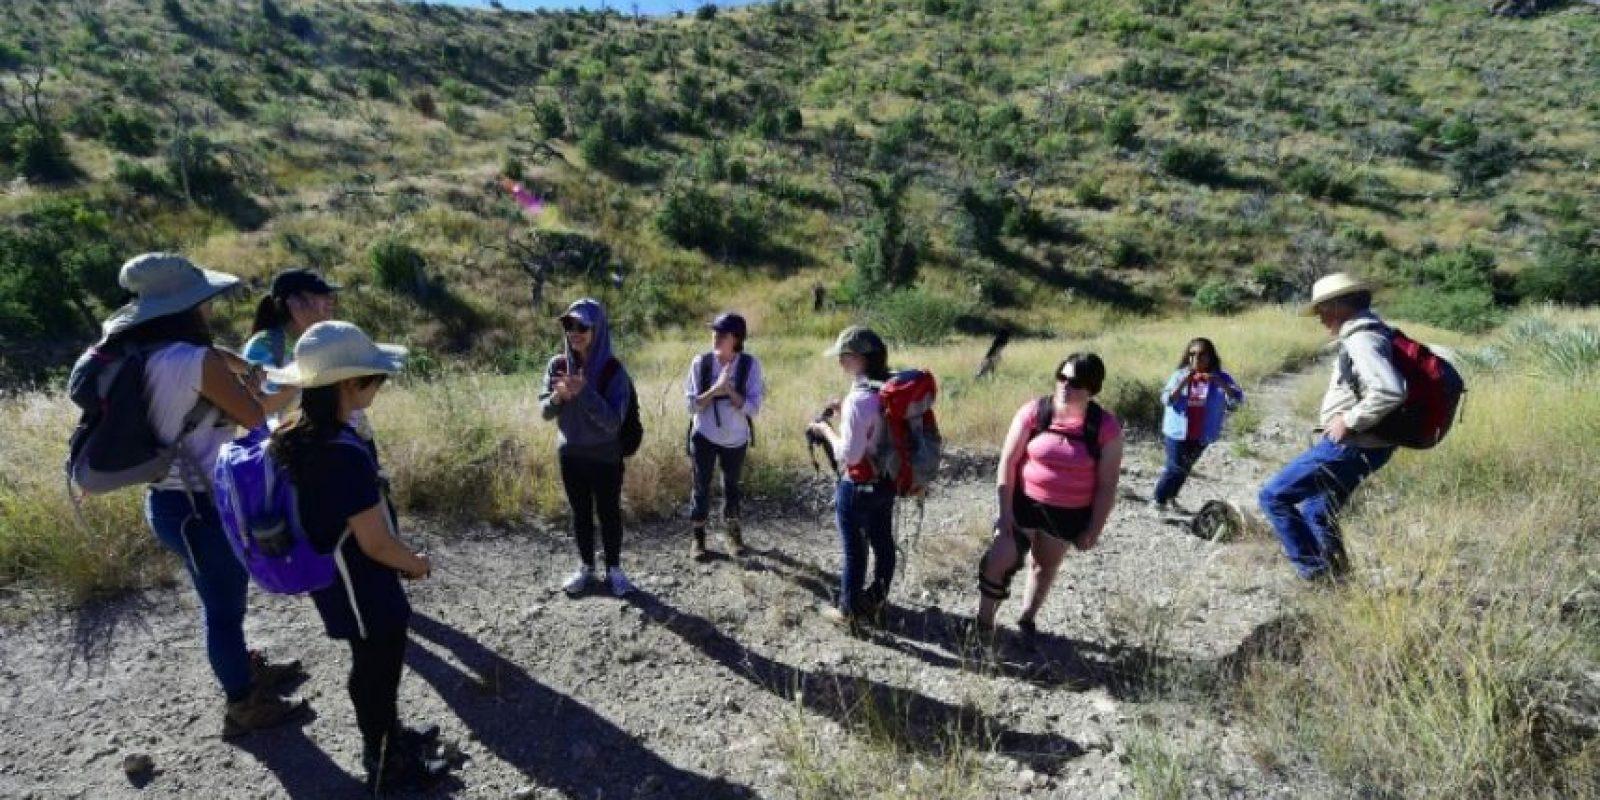 Unos voluntarios recorren la zona de Nogales, en Arizona (EEUU), cerca de México, para dejar agua para los migrantes que intentan cruzar clandestinamente la frontera, el 12 de octubre de 2016 Foto:Frederic J. Brown/afp.com